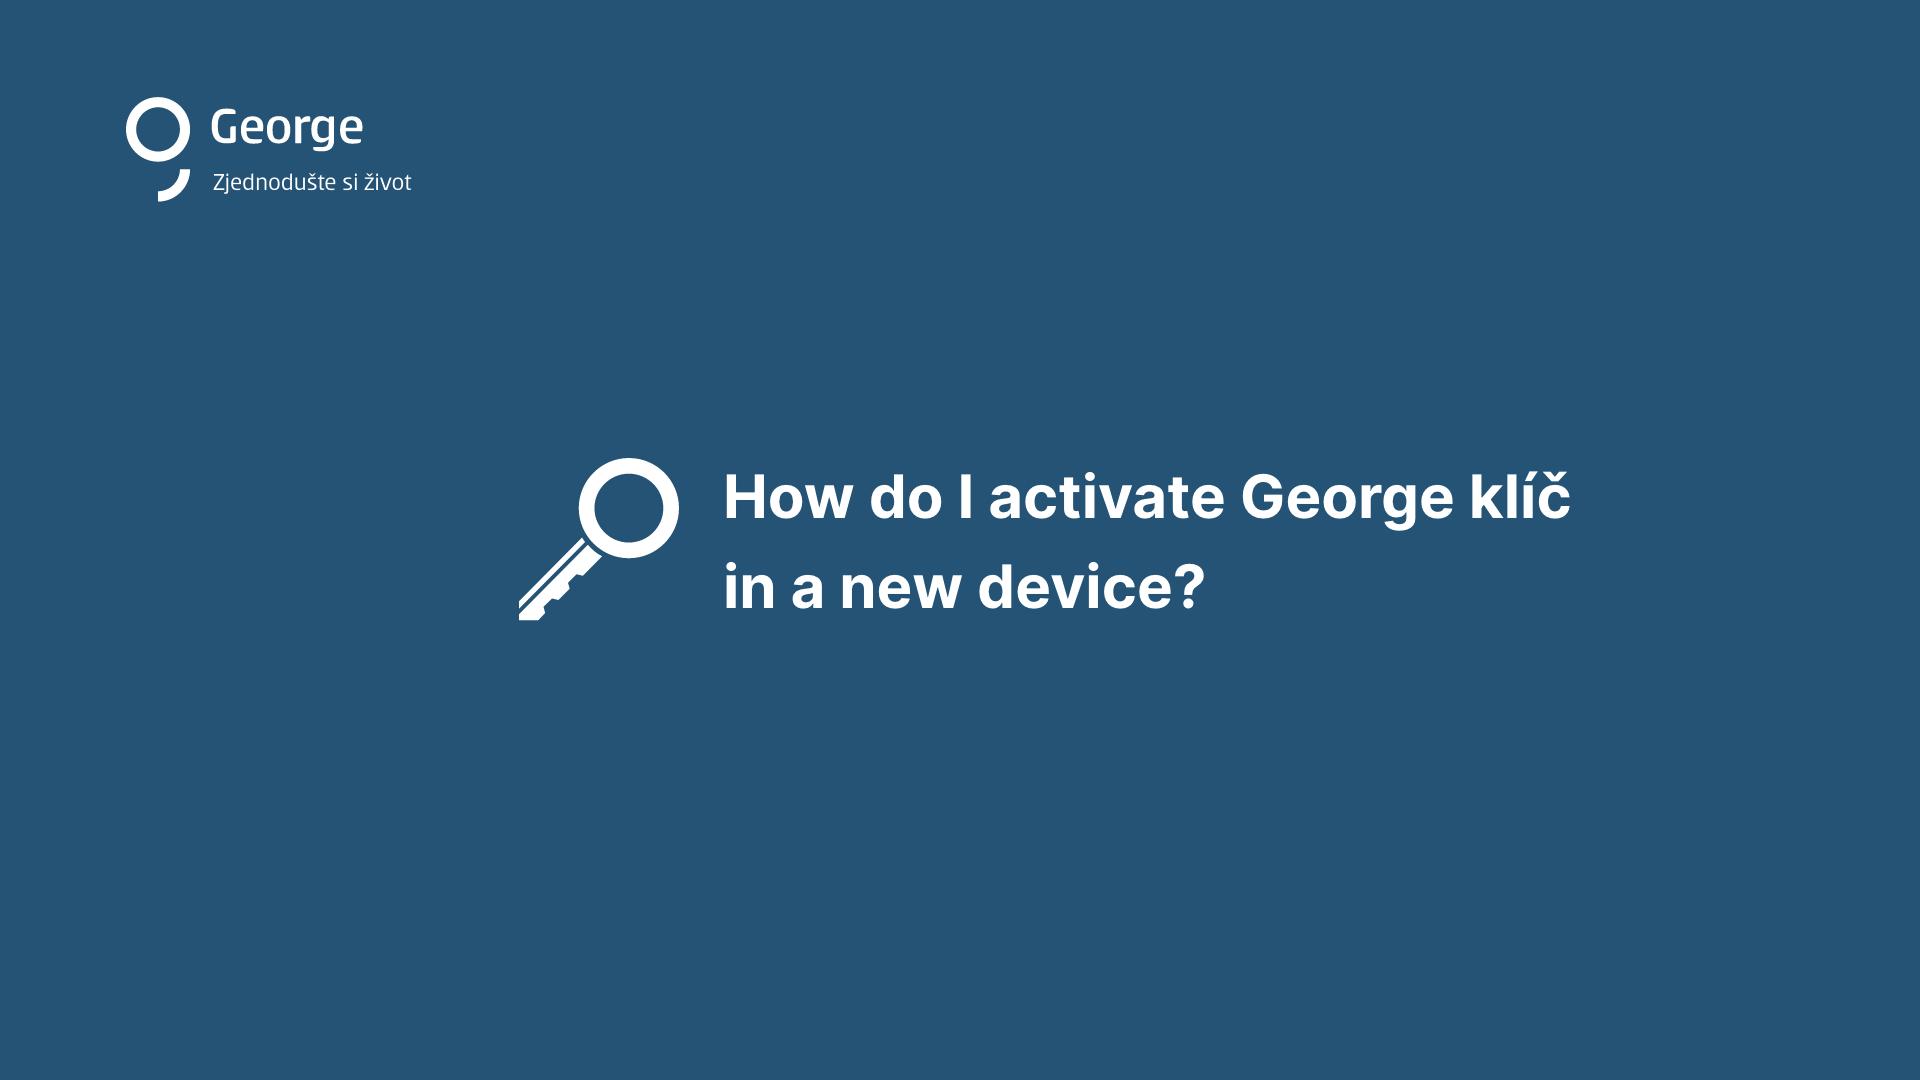 Instalace George klíč na novém zařízení